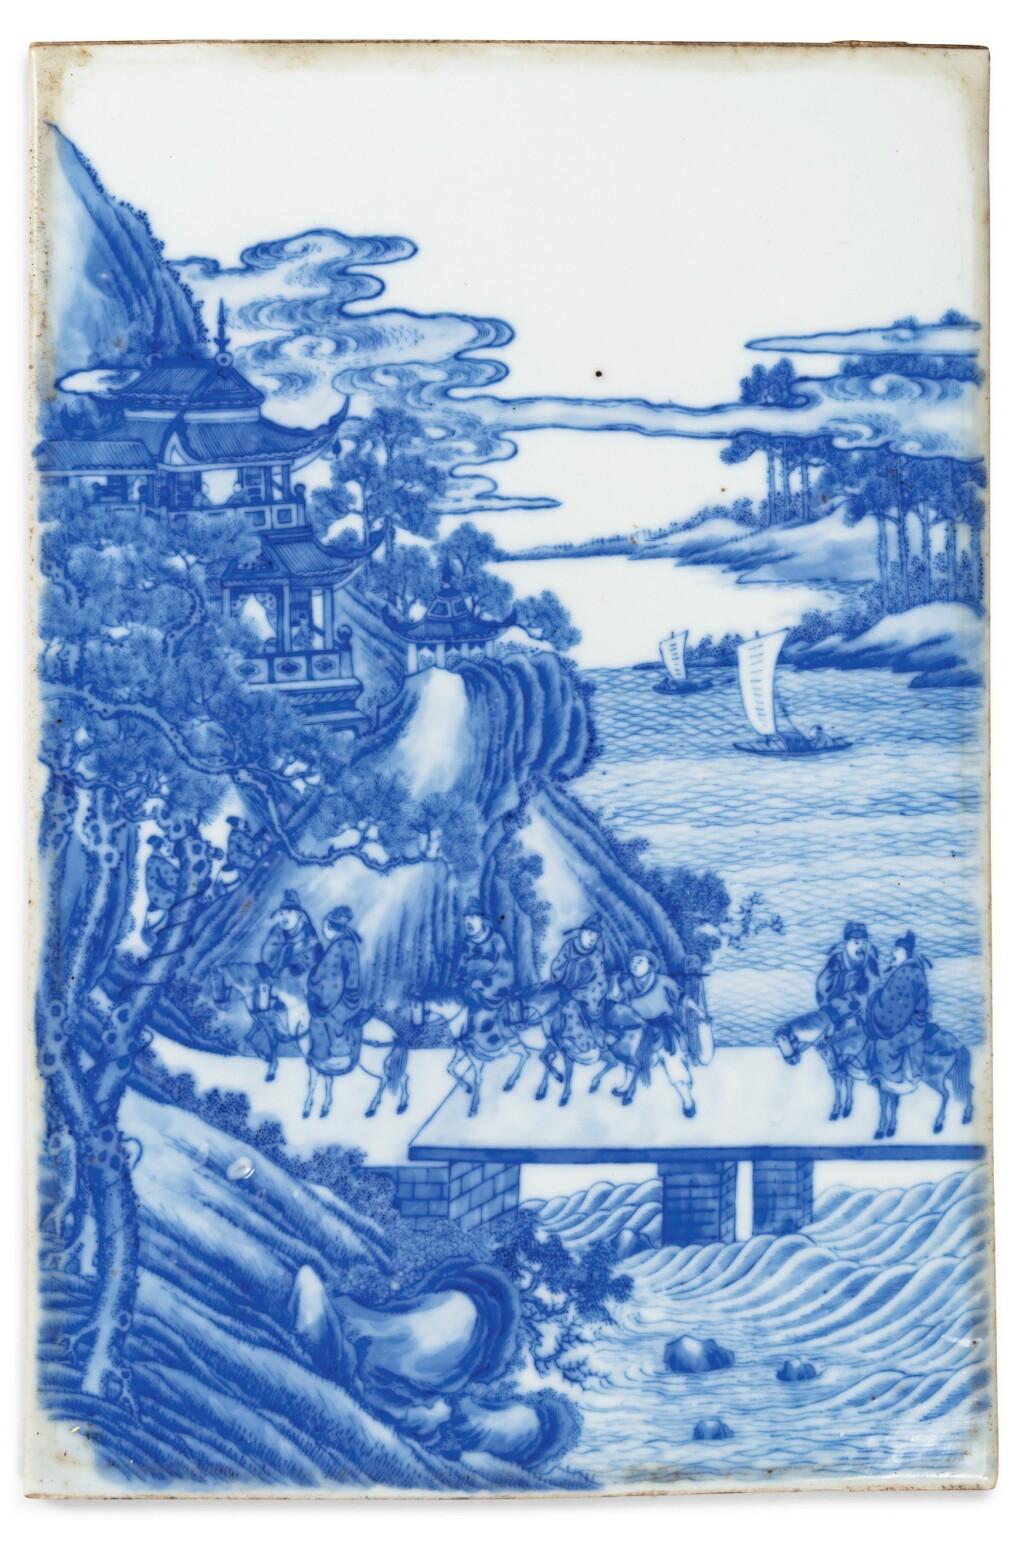 PLAQUE EN PORCELAINE BLEU BLANC | 青花人物故事圖瓷板 | A blue and white porcelain 'landscape' plaque